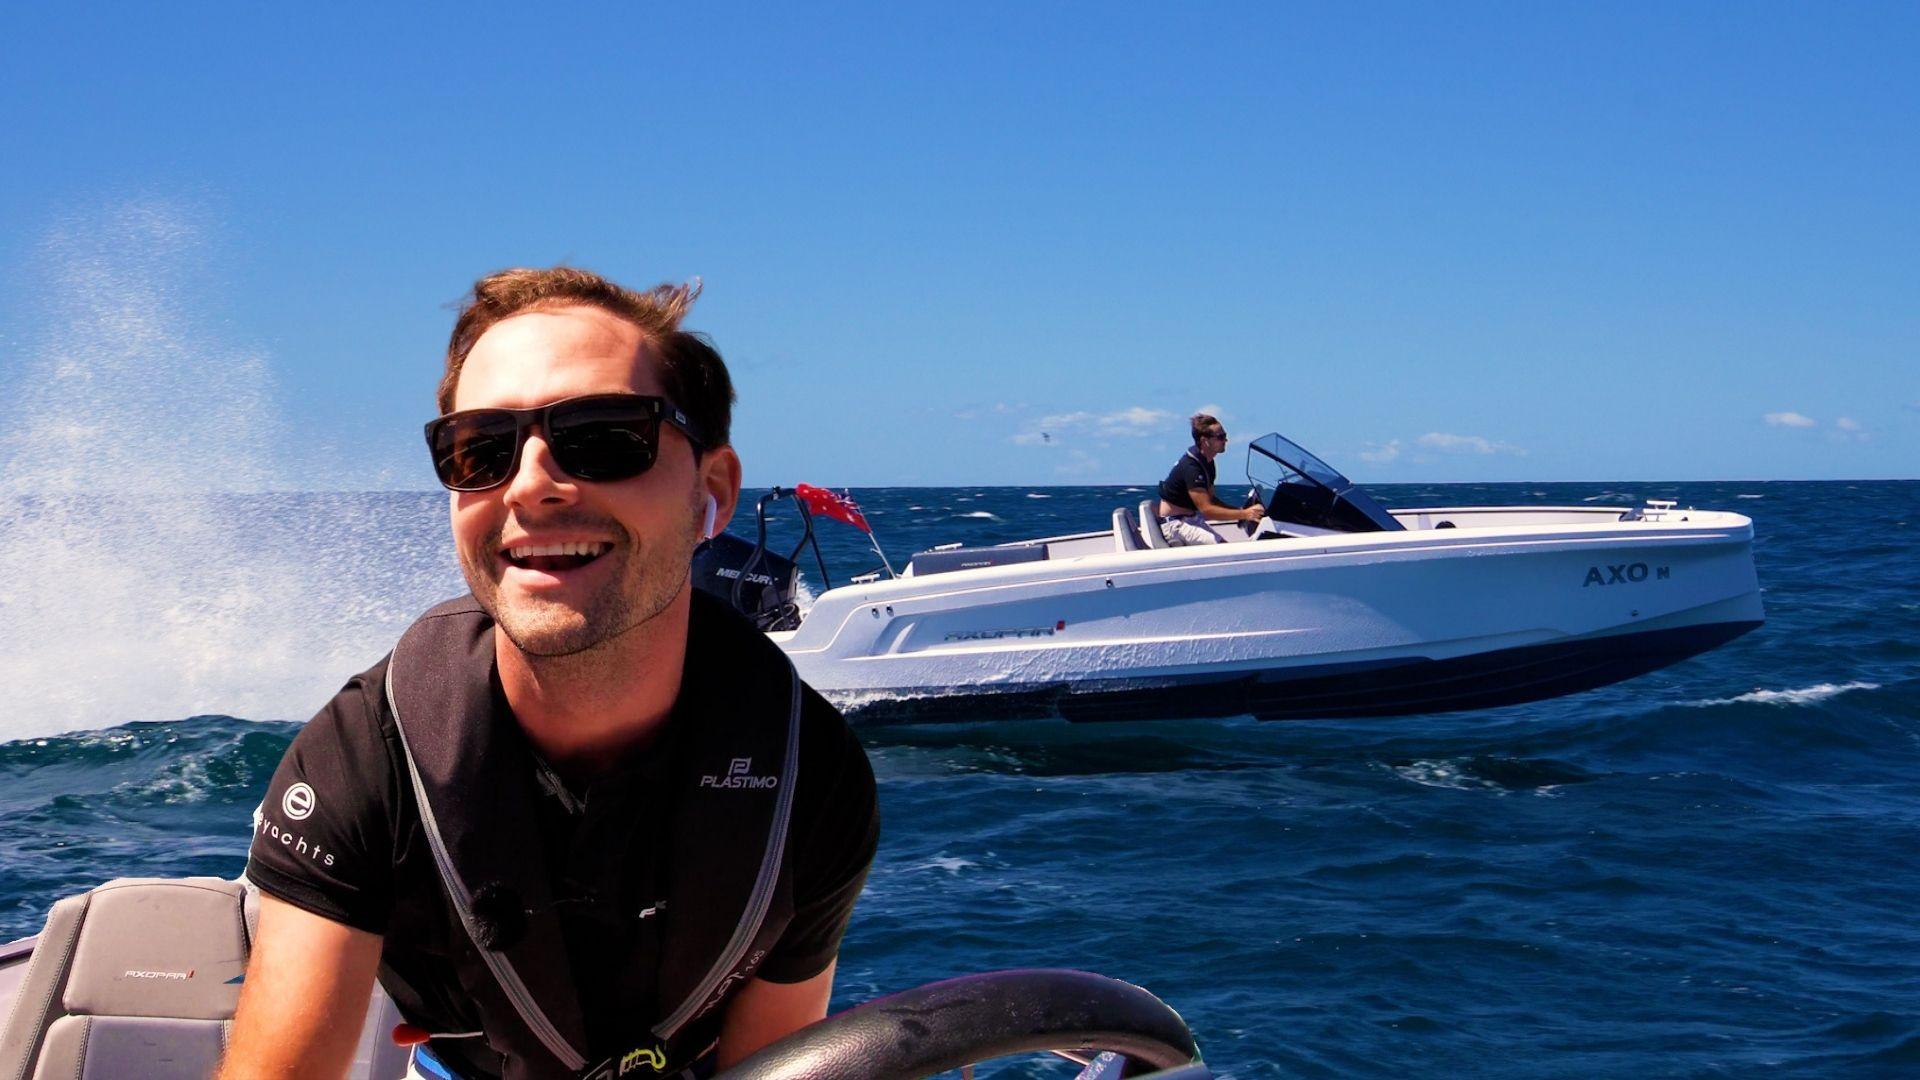 Axopar 22 Offshore Performance Review